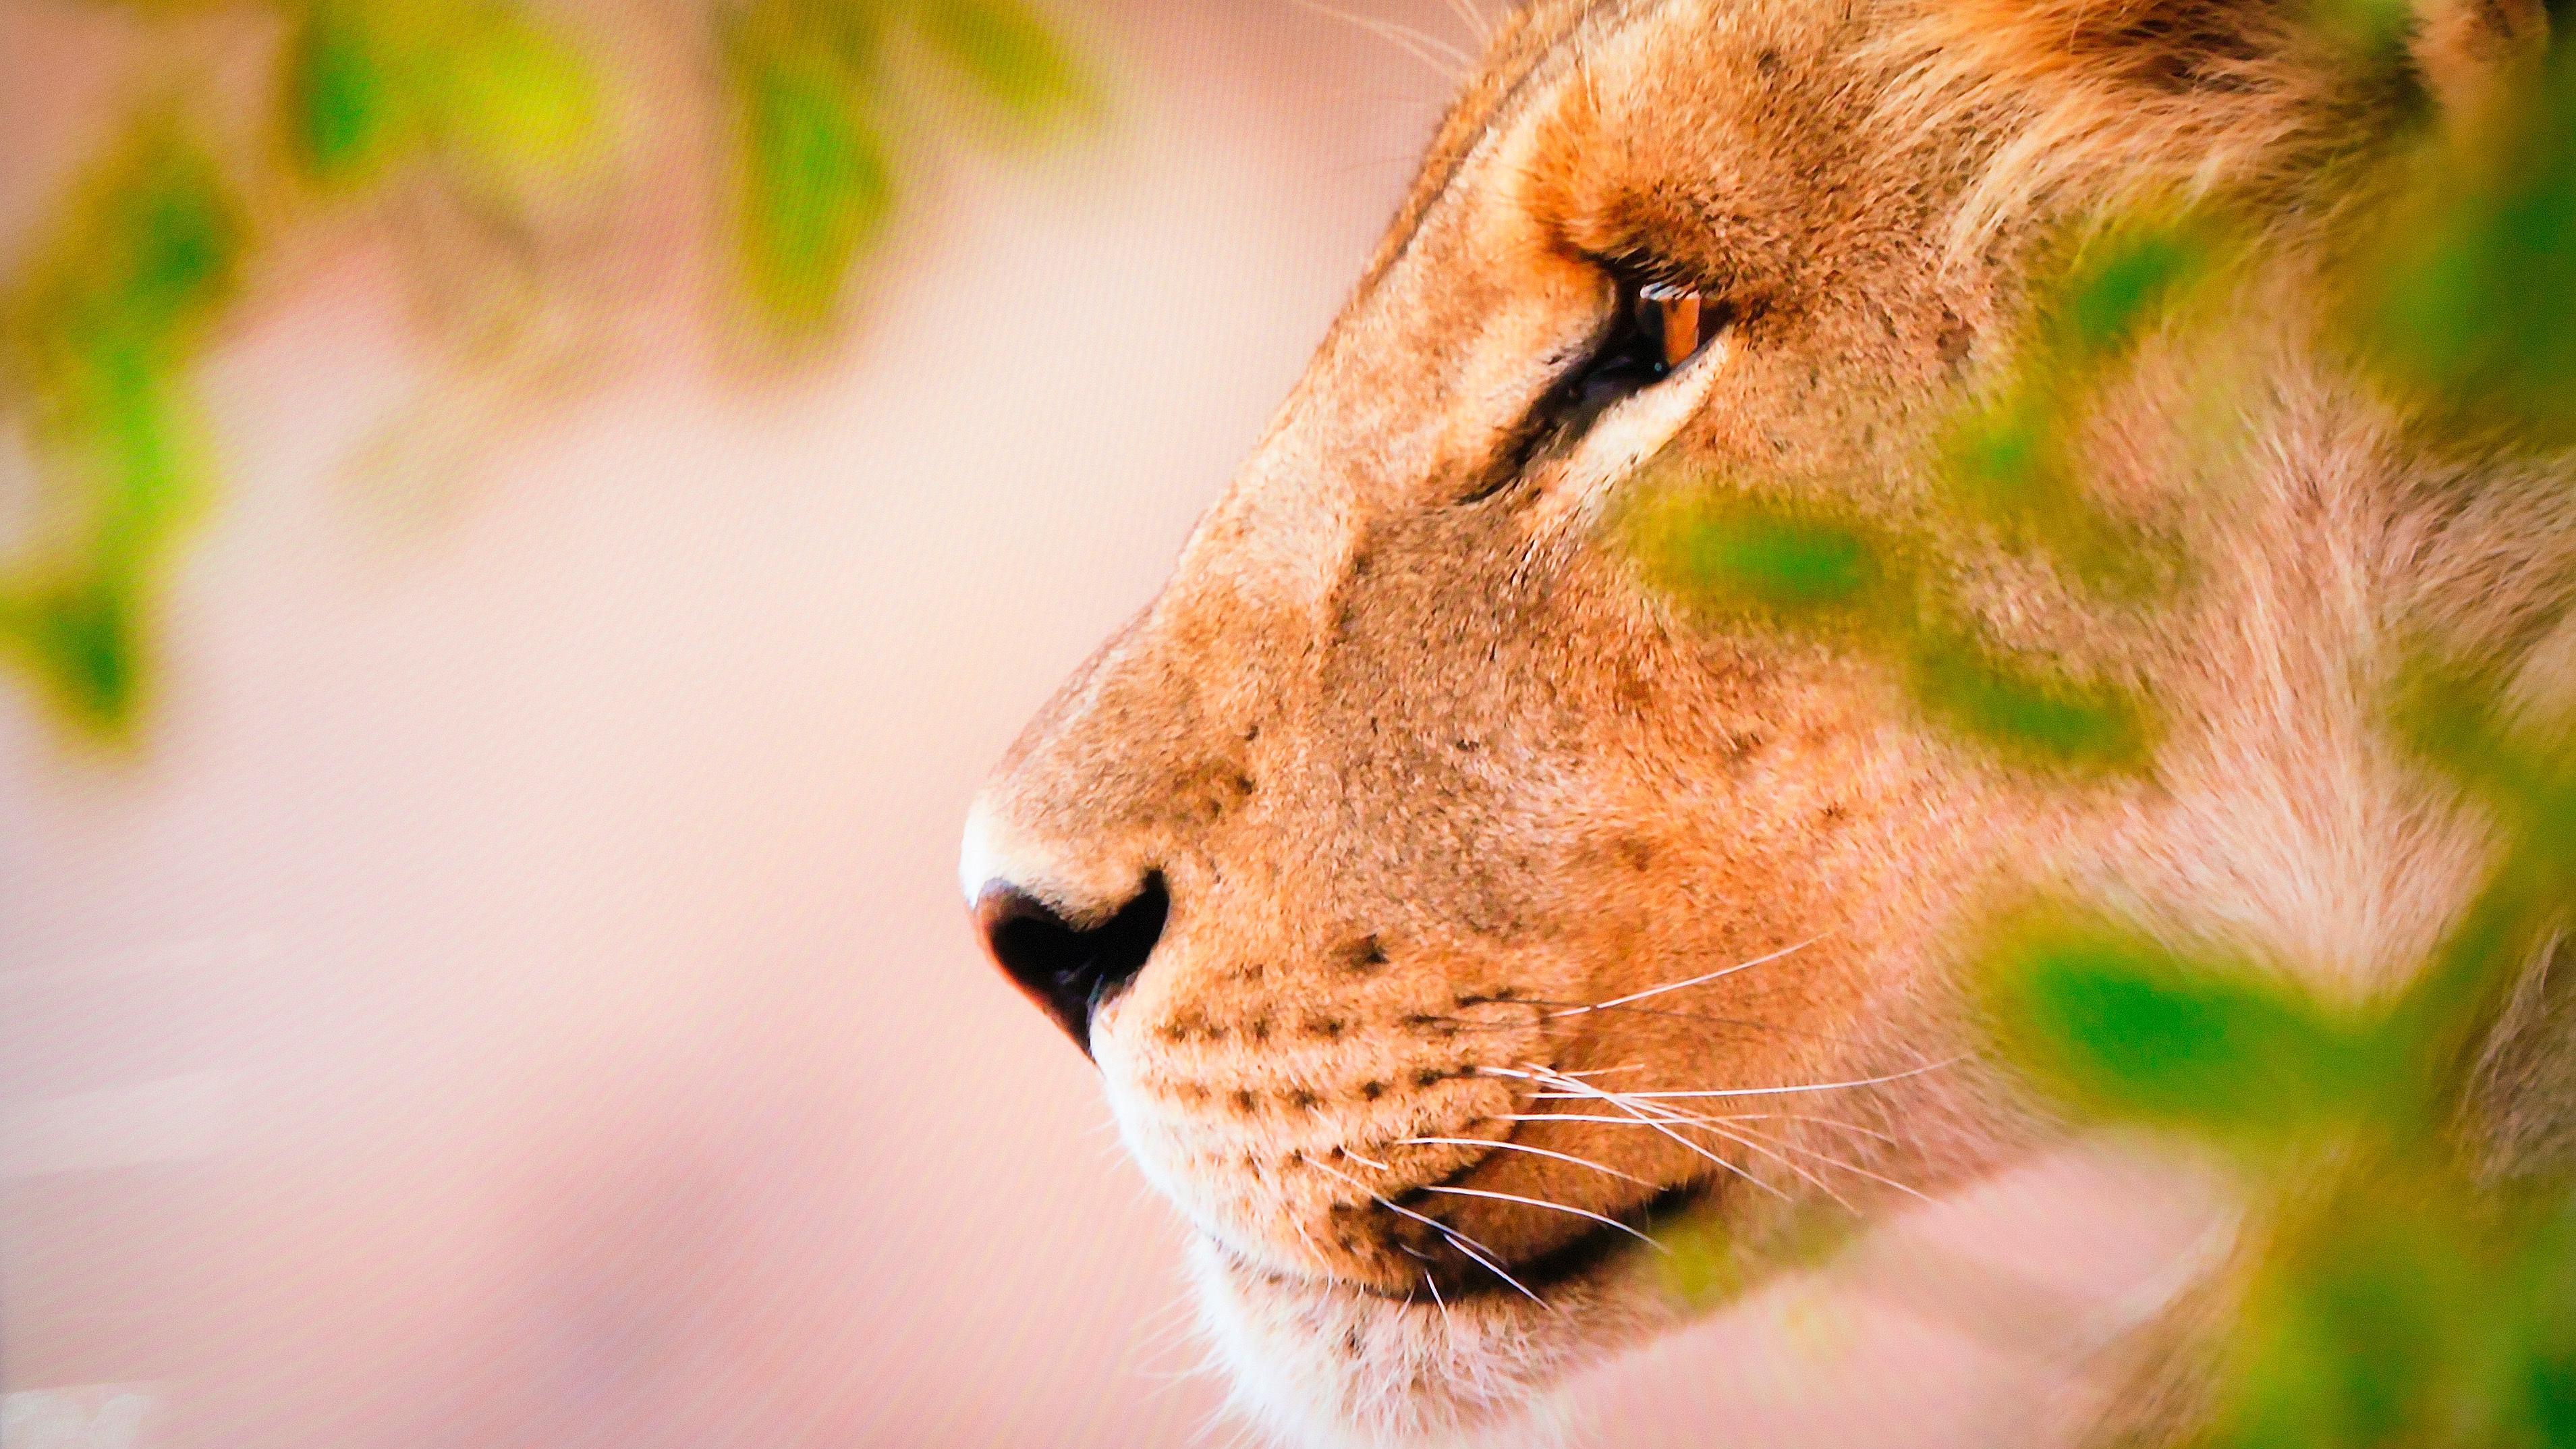 Med meget gode farger klarer Q9 å gjøre løvene mer intense enn noen sinne.